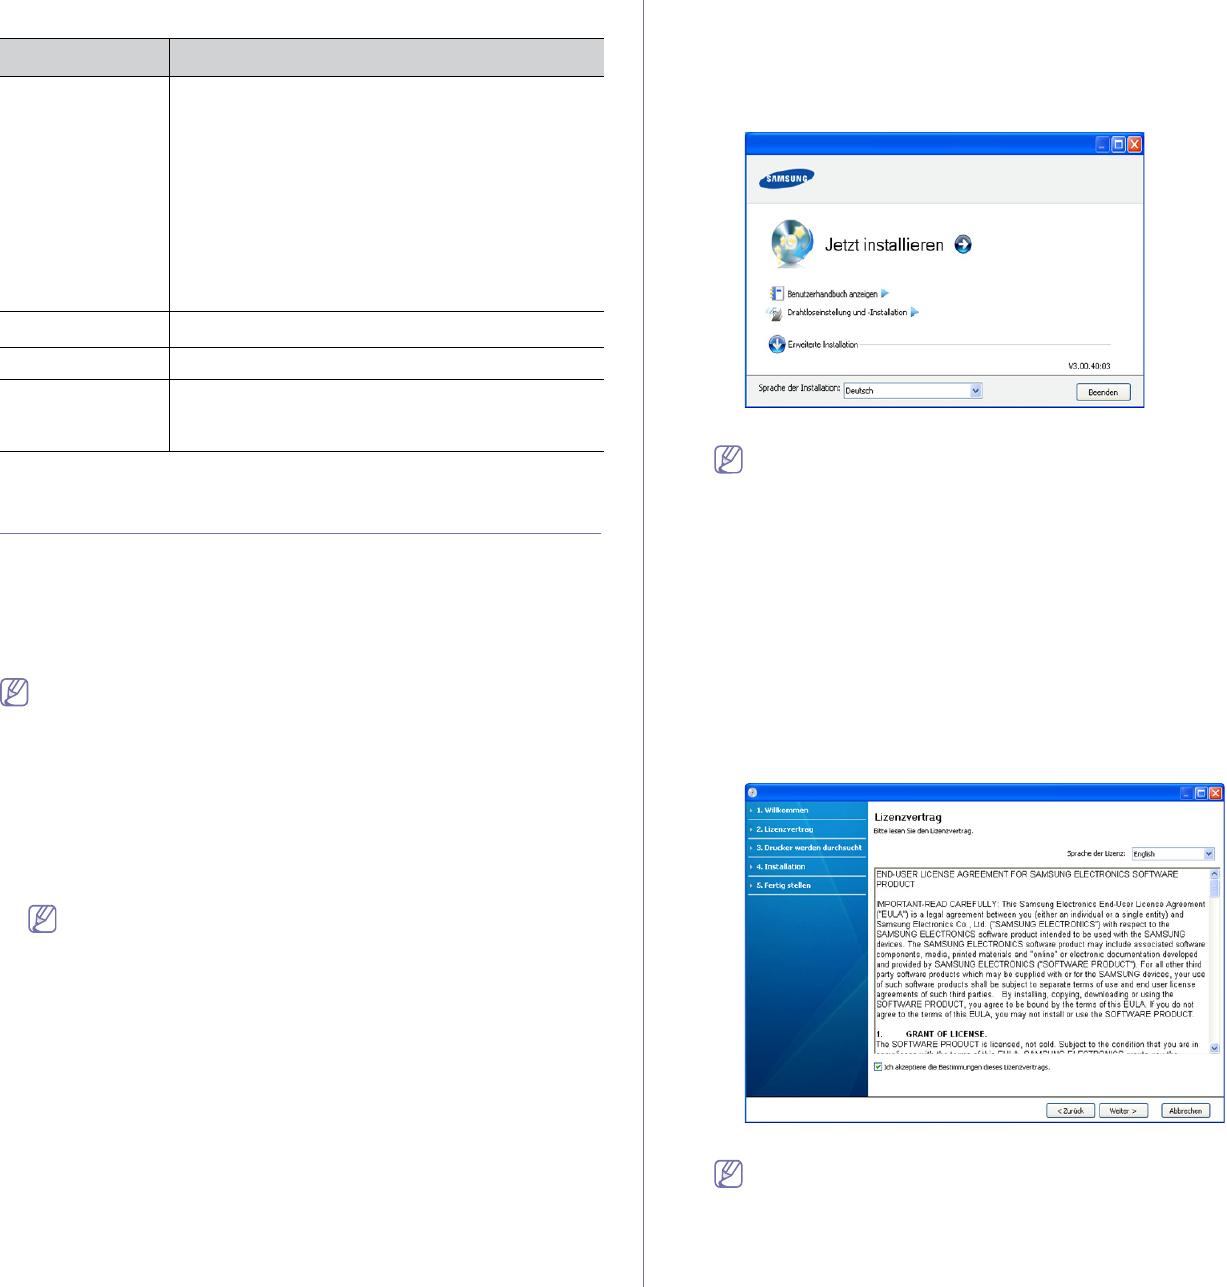 Bedienungsanleitung Samsung CLP 320 series (Seite 29 von 114) (Deutsch)